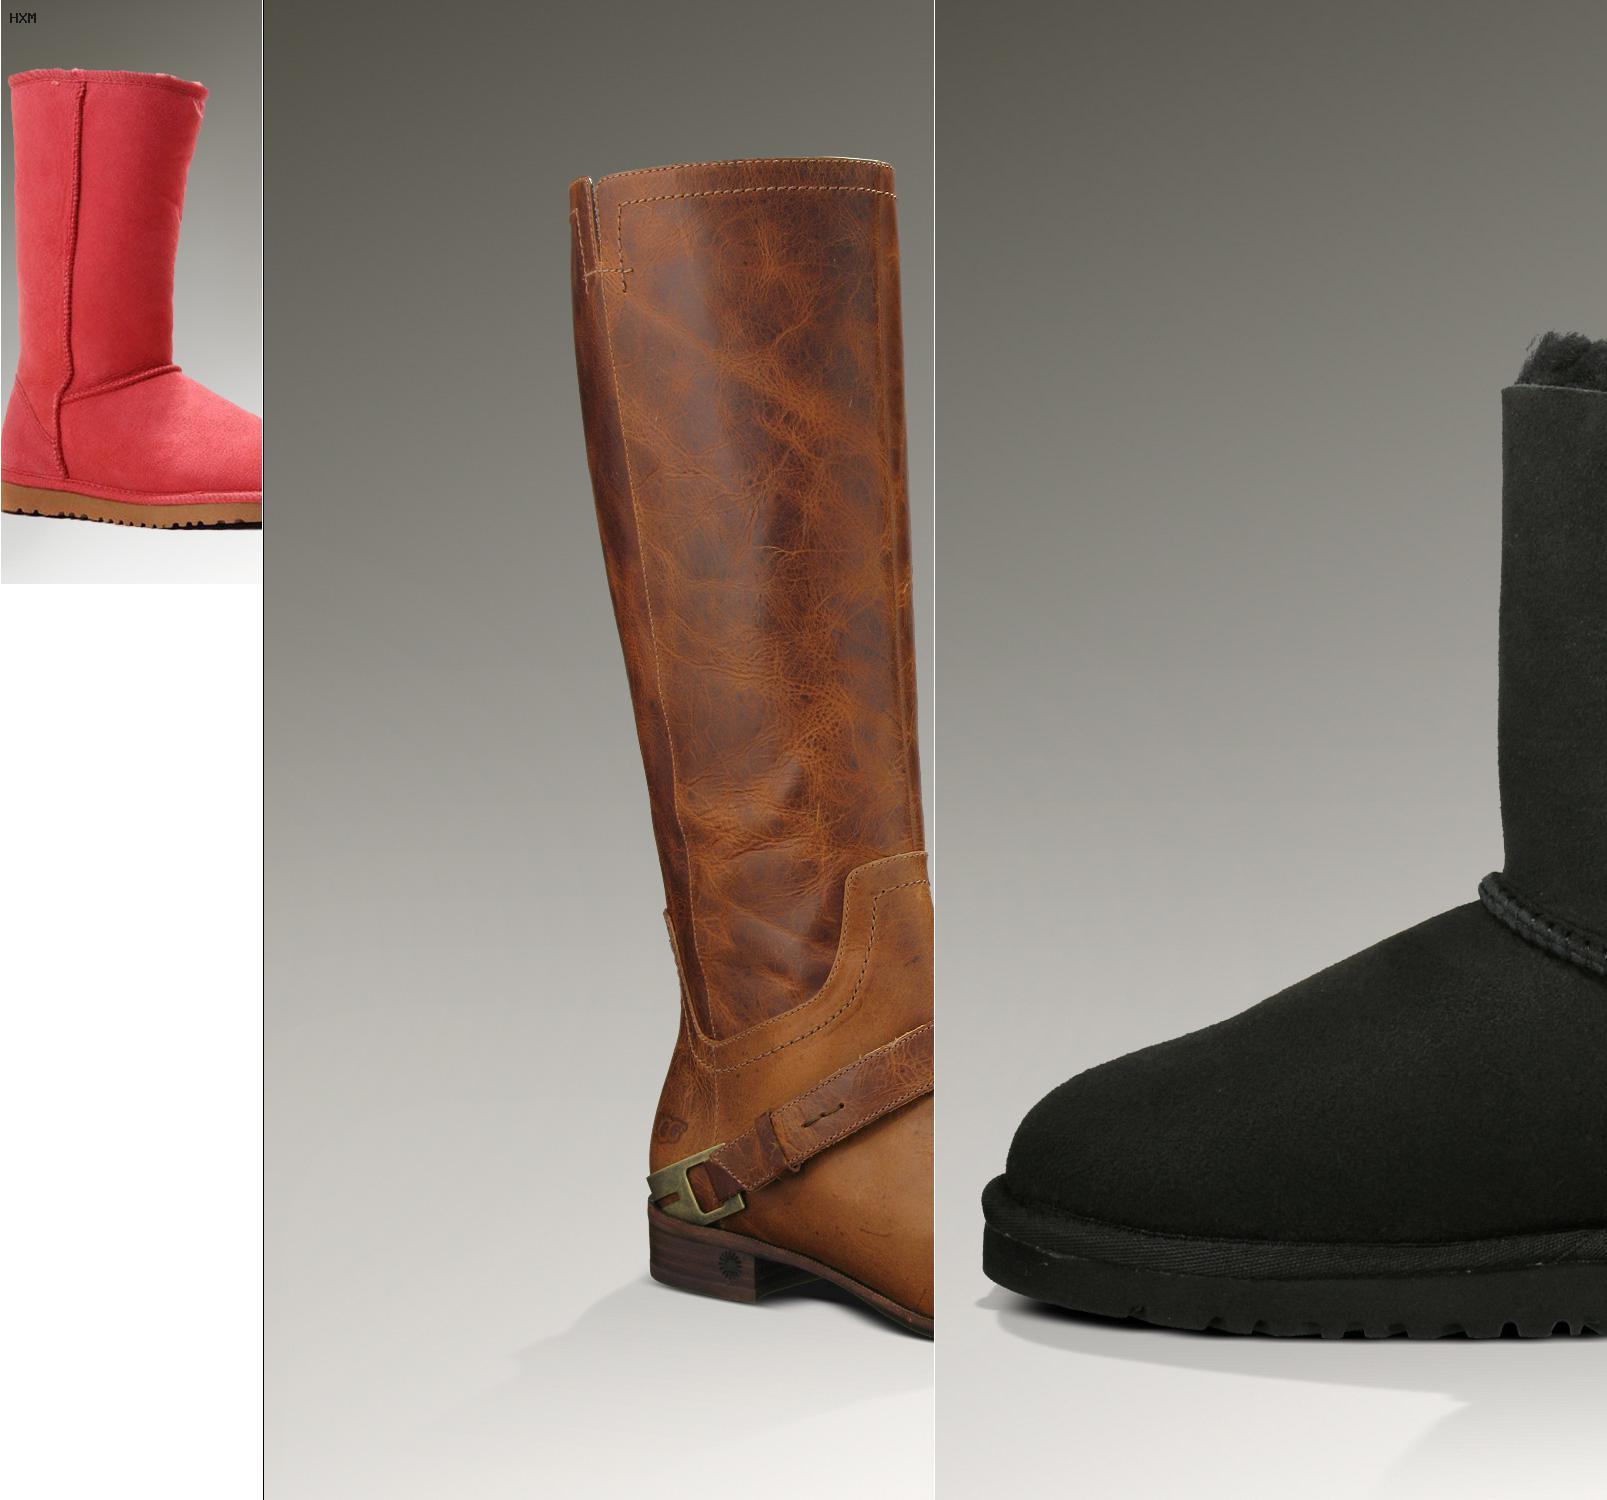 donde comprar botas ugg en nueva york